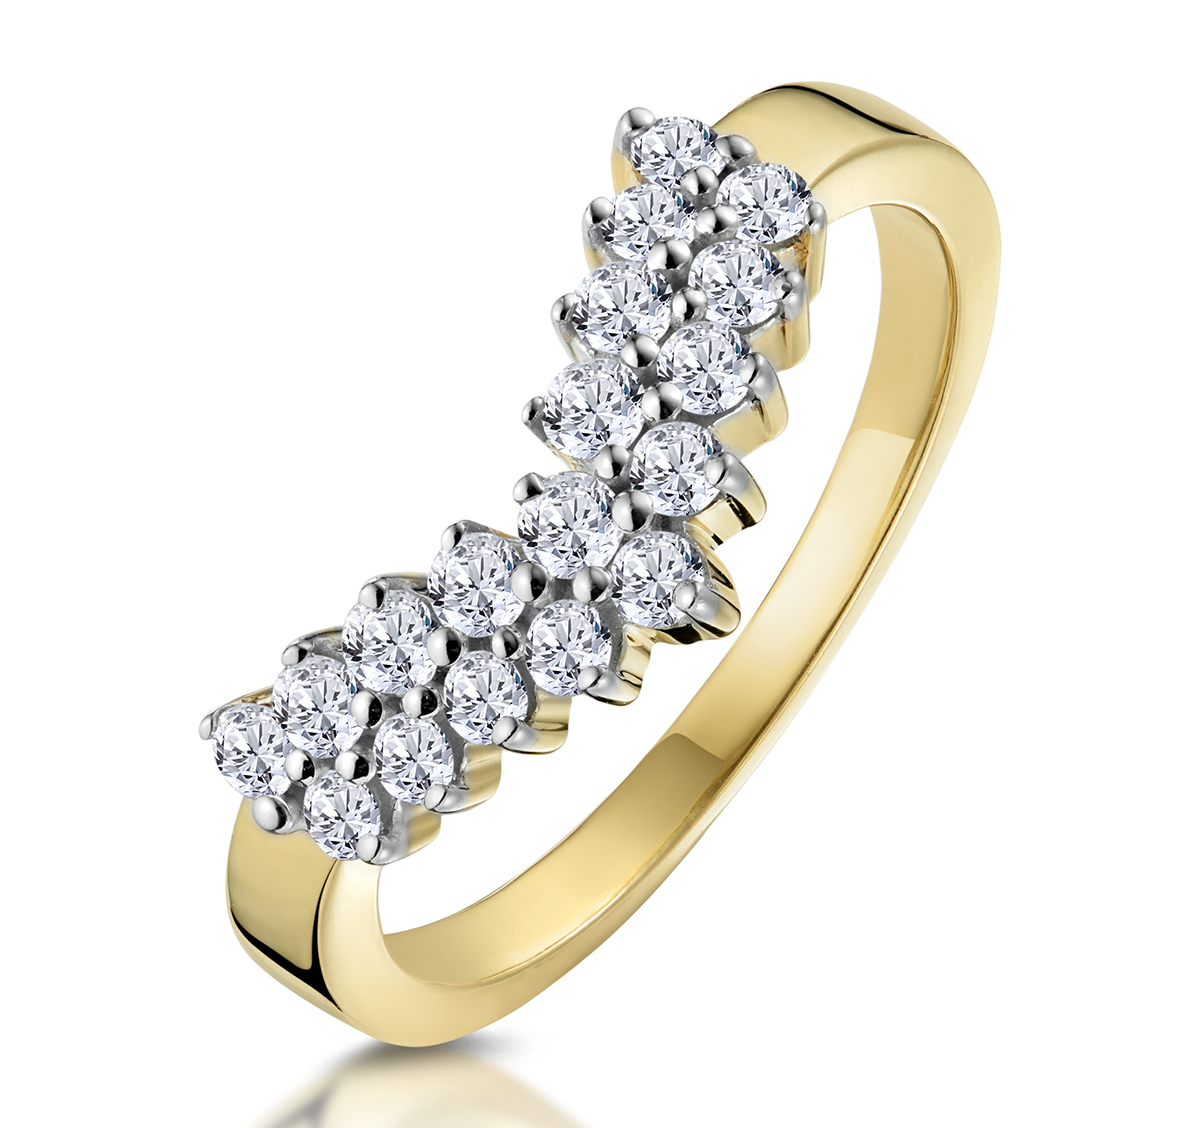 DIAMOND WISHBONE RING 0.45CT IN 9K YELLOW GOLD